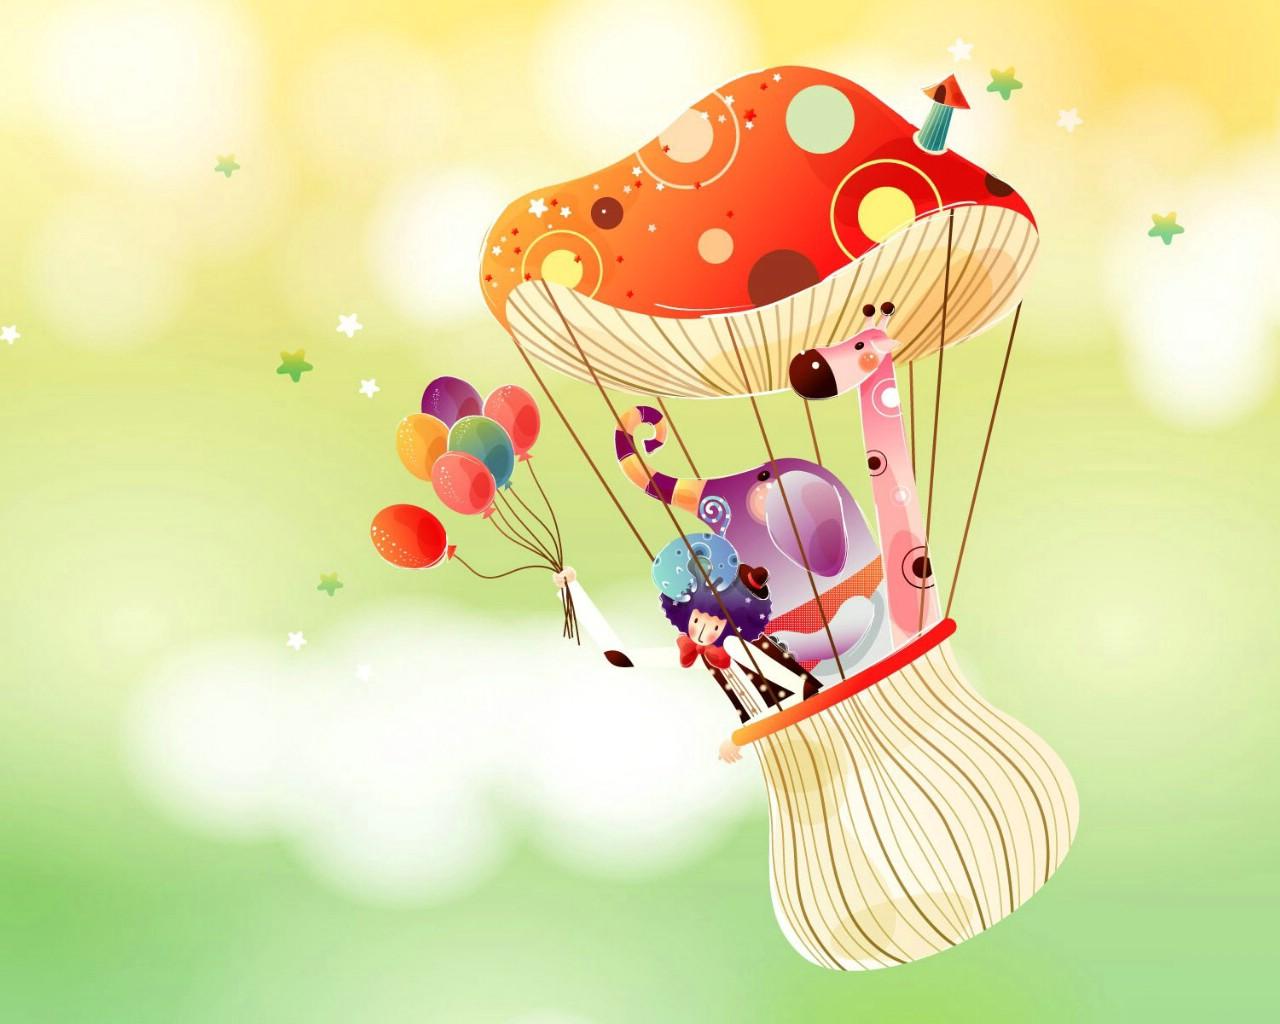 卡通热气球桌面壁纸